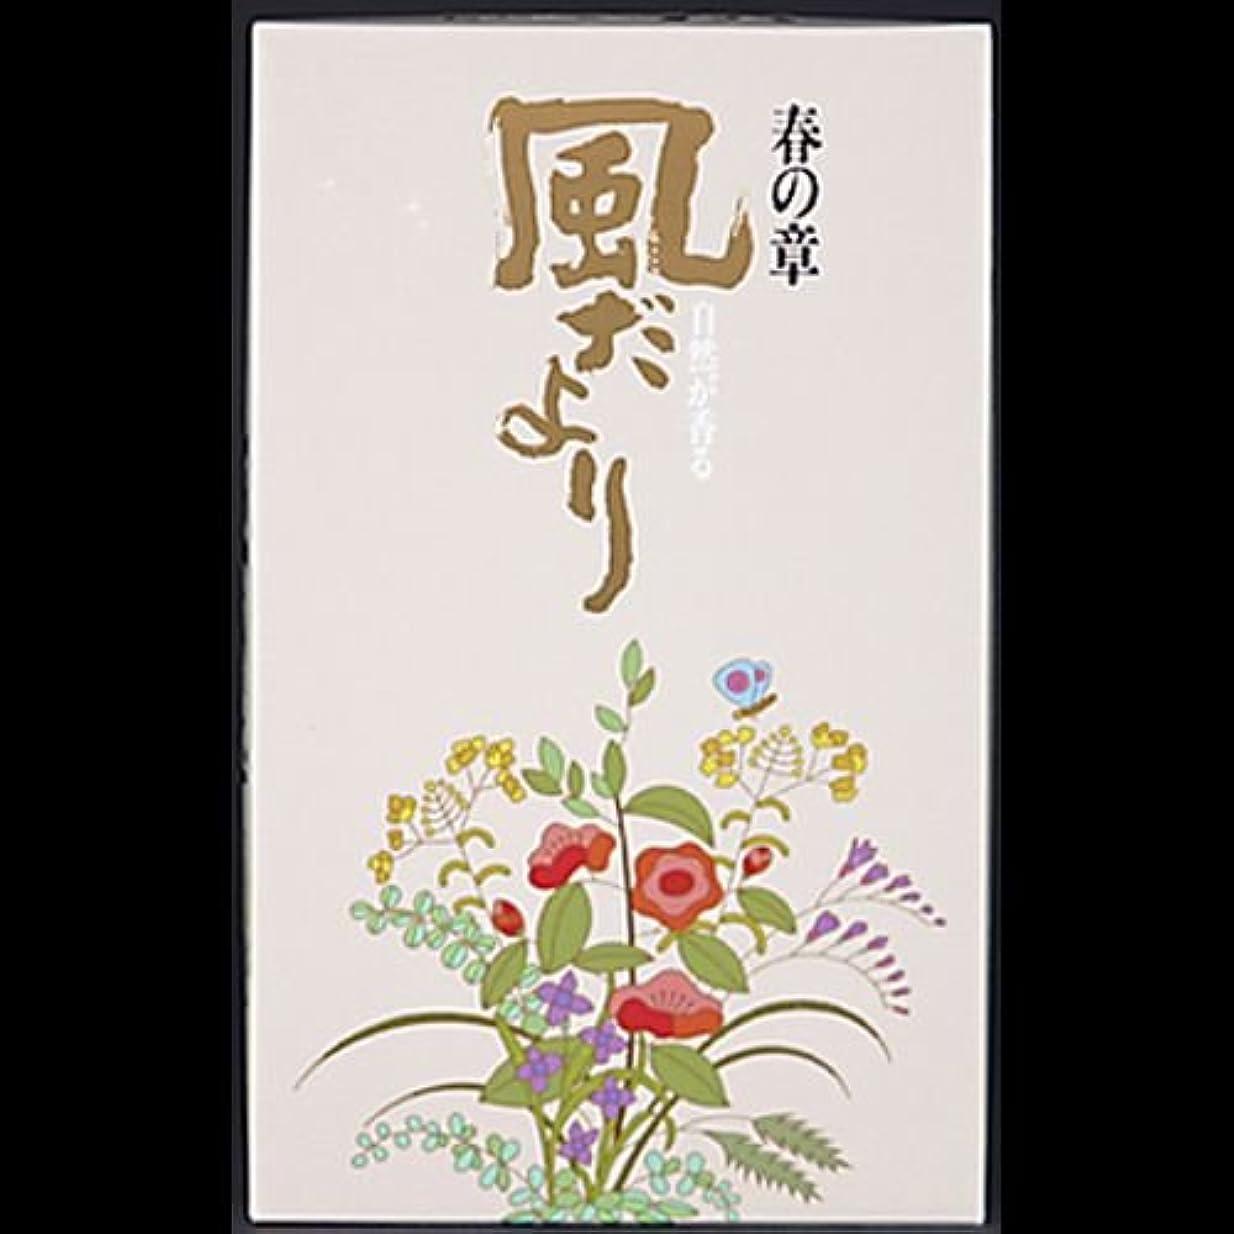 出身地専ら信者【まとめ買い】風だより 春の章 バラ詰 ×2セット